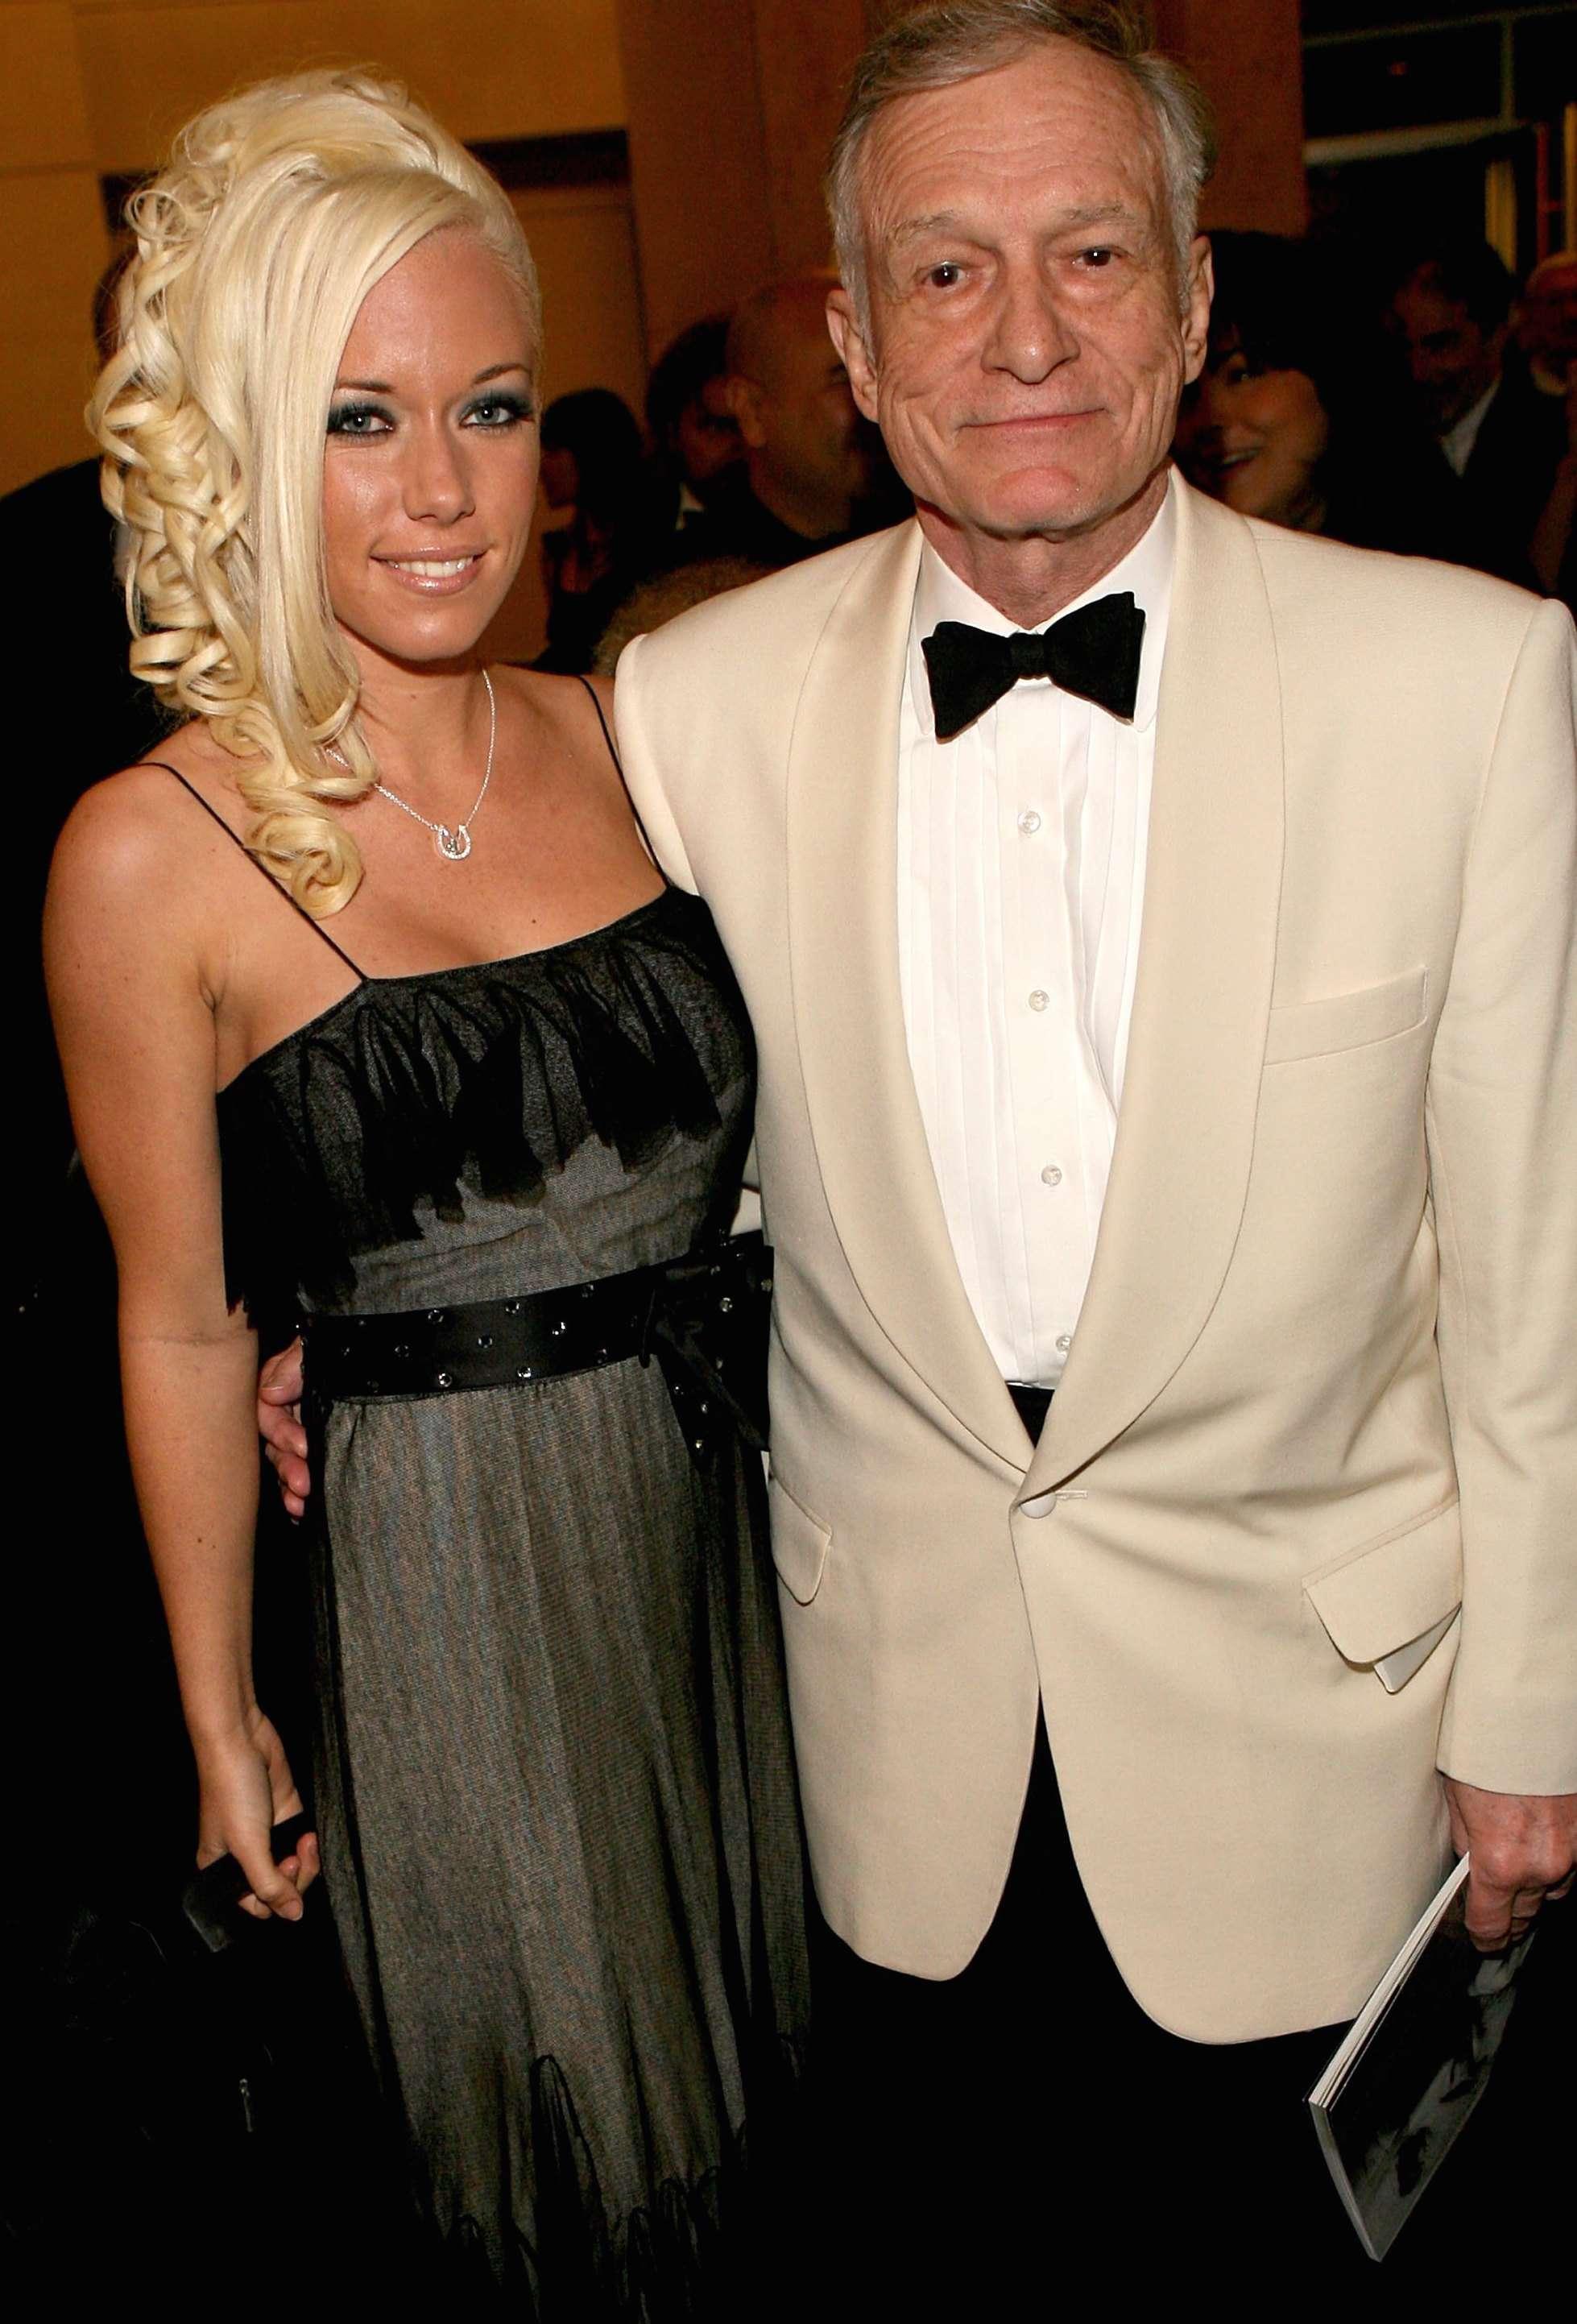 Kendra Wilkinson tuvo sexo con Hugh Hefner a los 18 años y él tenía 78. Foto: Getty Images